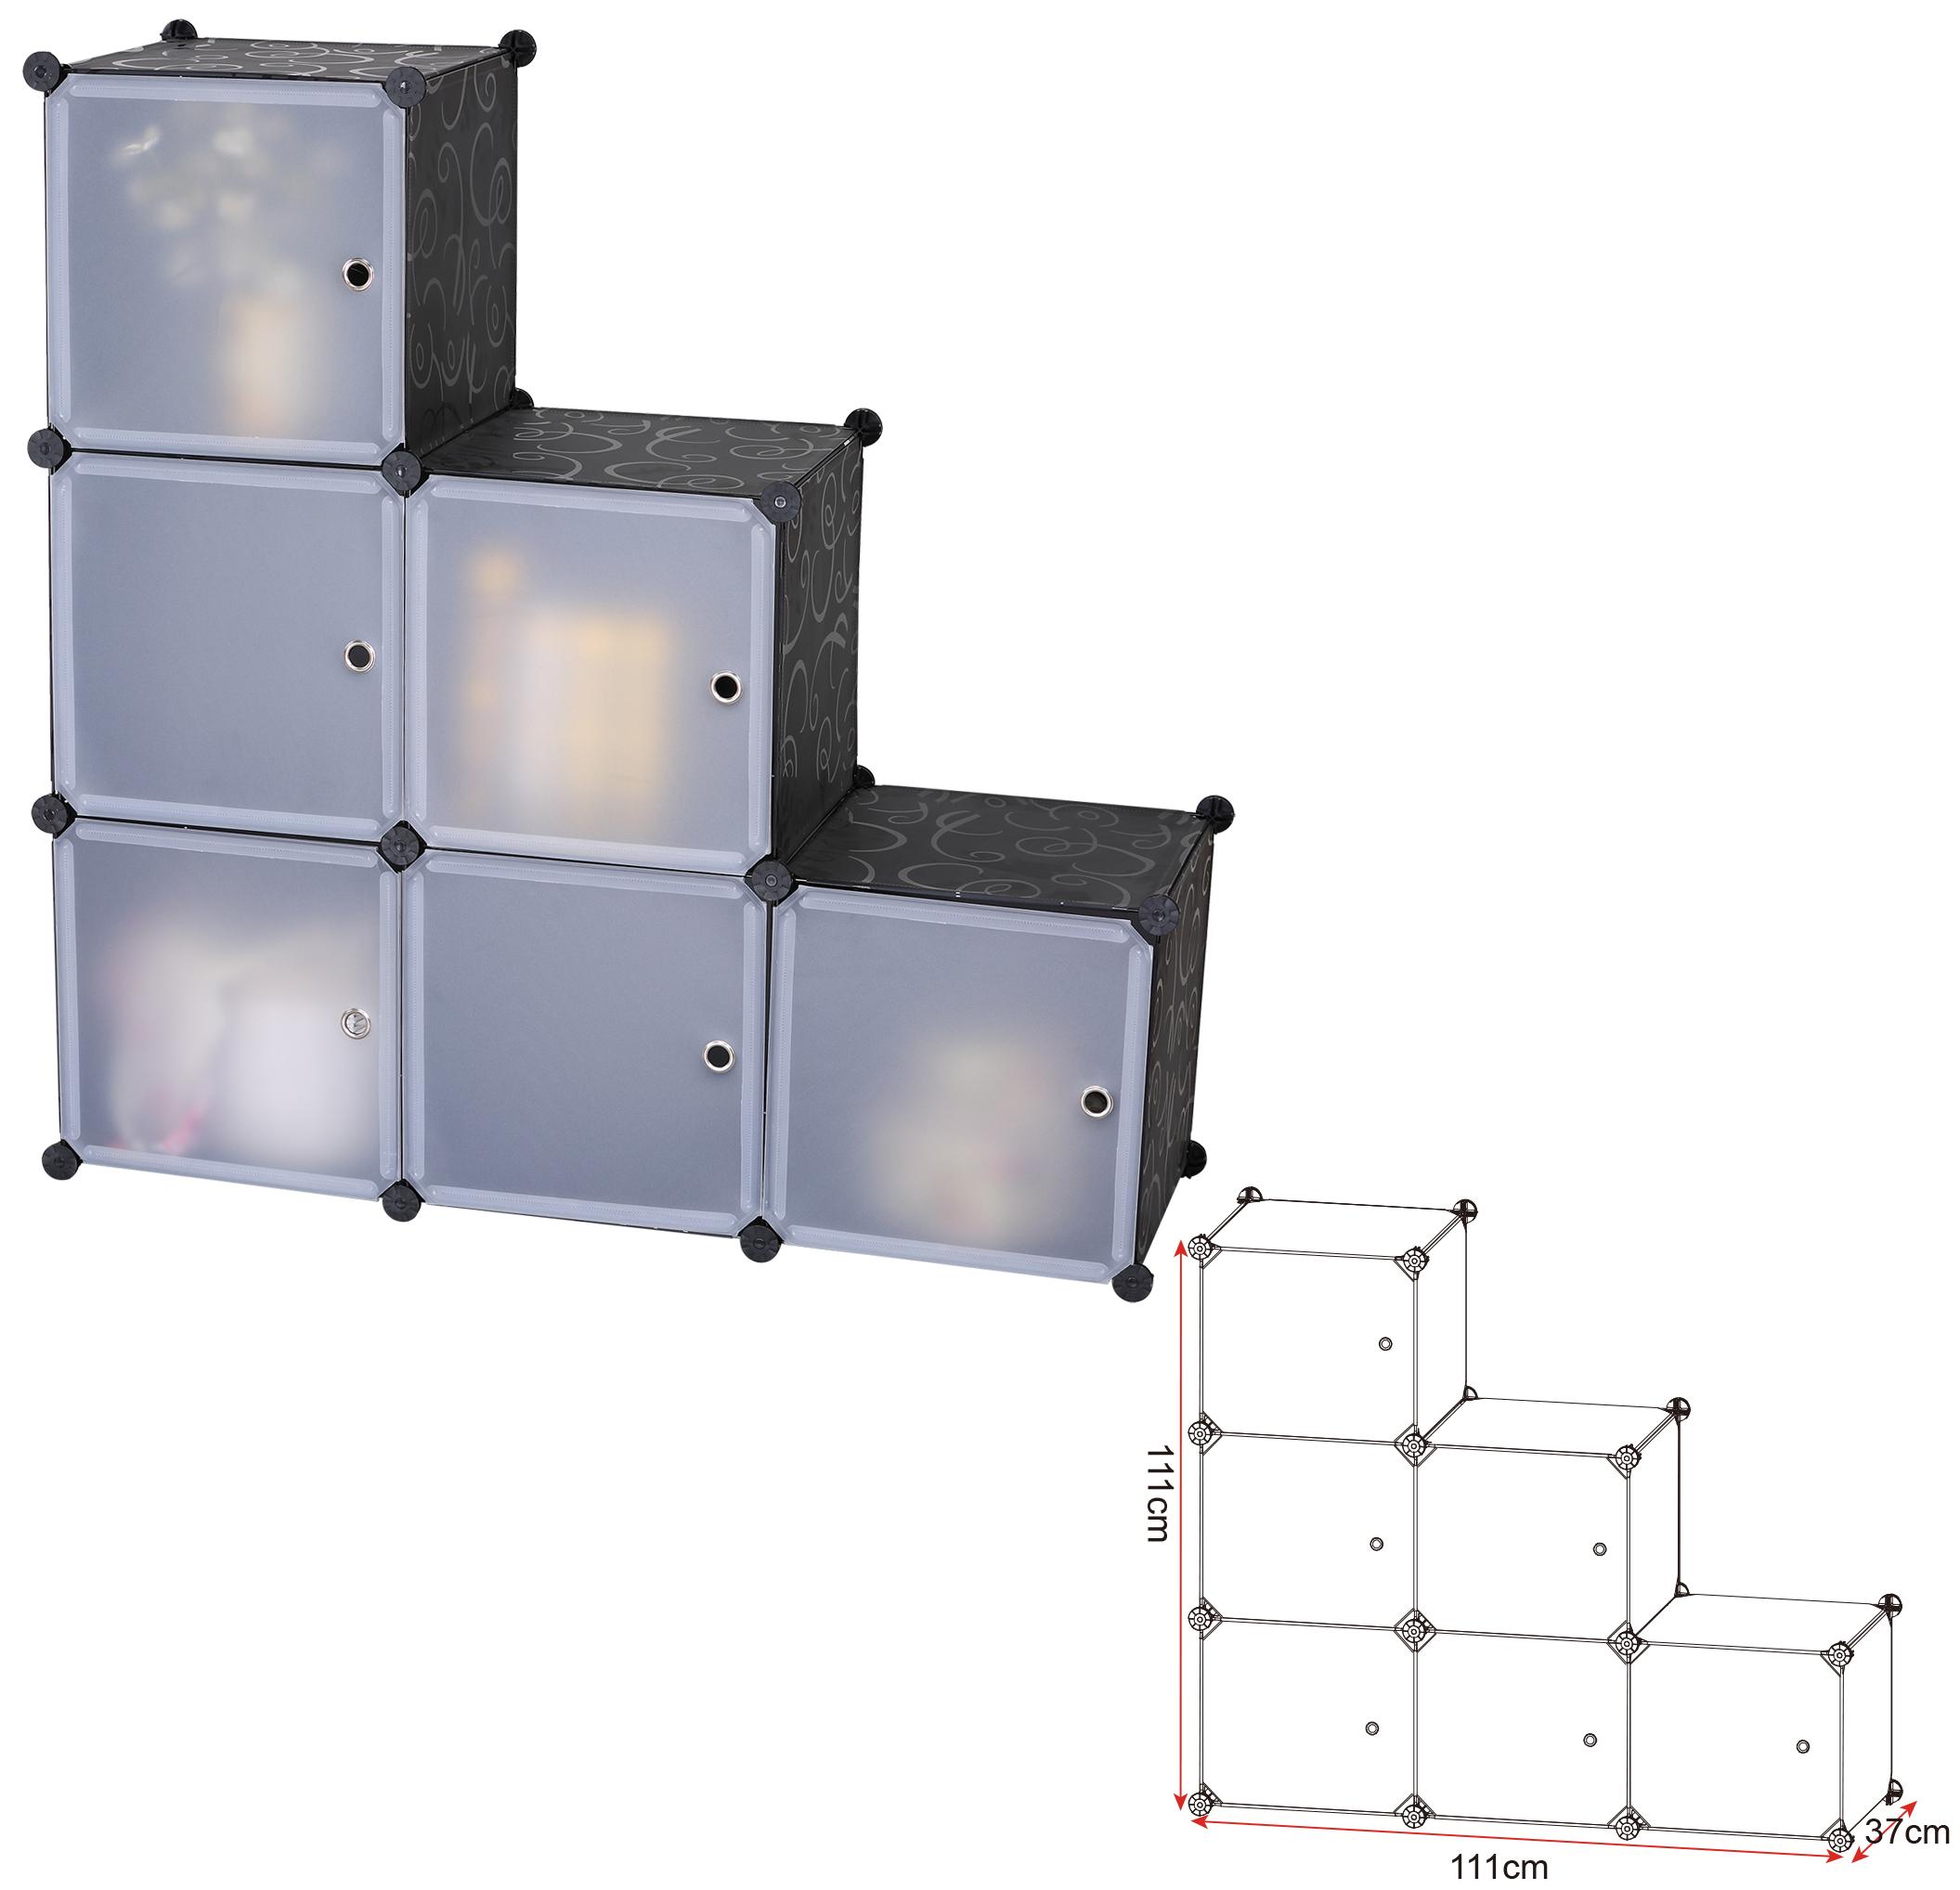 kleiderschrank kunststoff schuhschrank steckregal badregal regalsystem diy 171 ebay. Black Bedroom Furniture Sets. Home Design Ideas